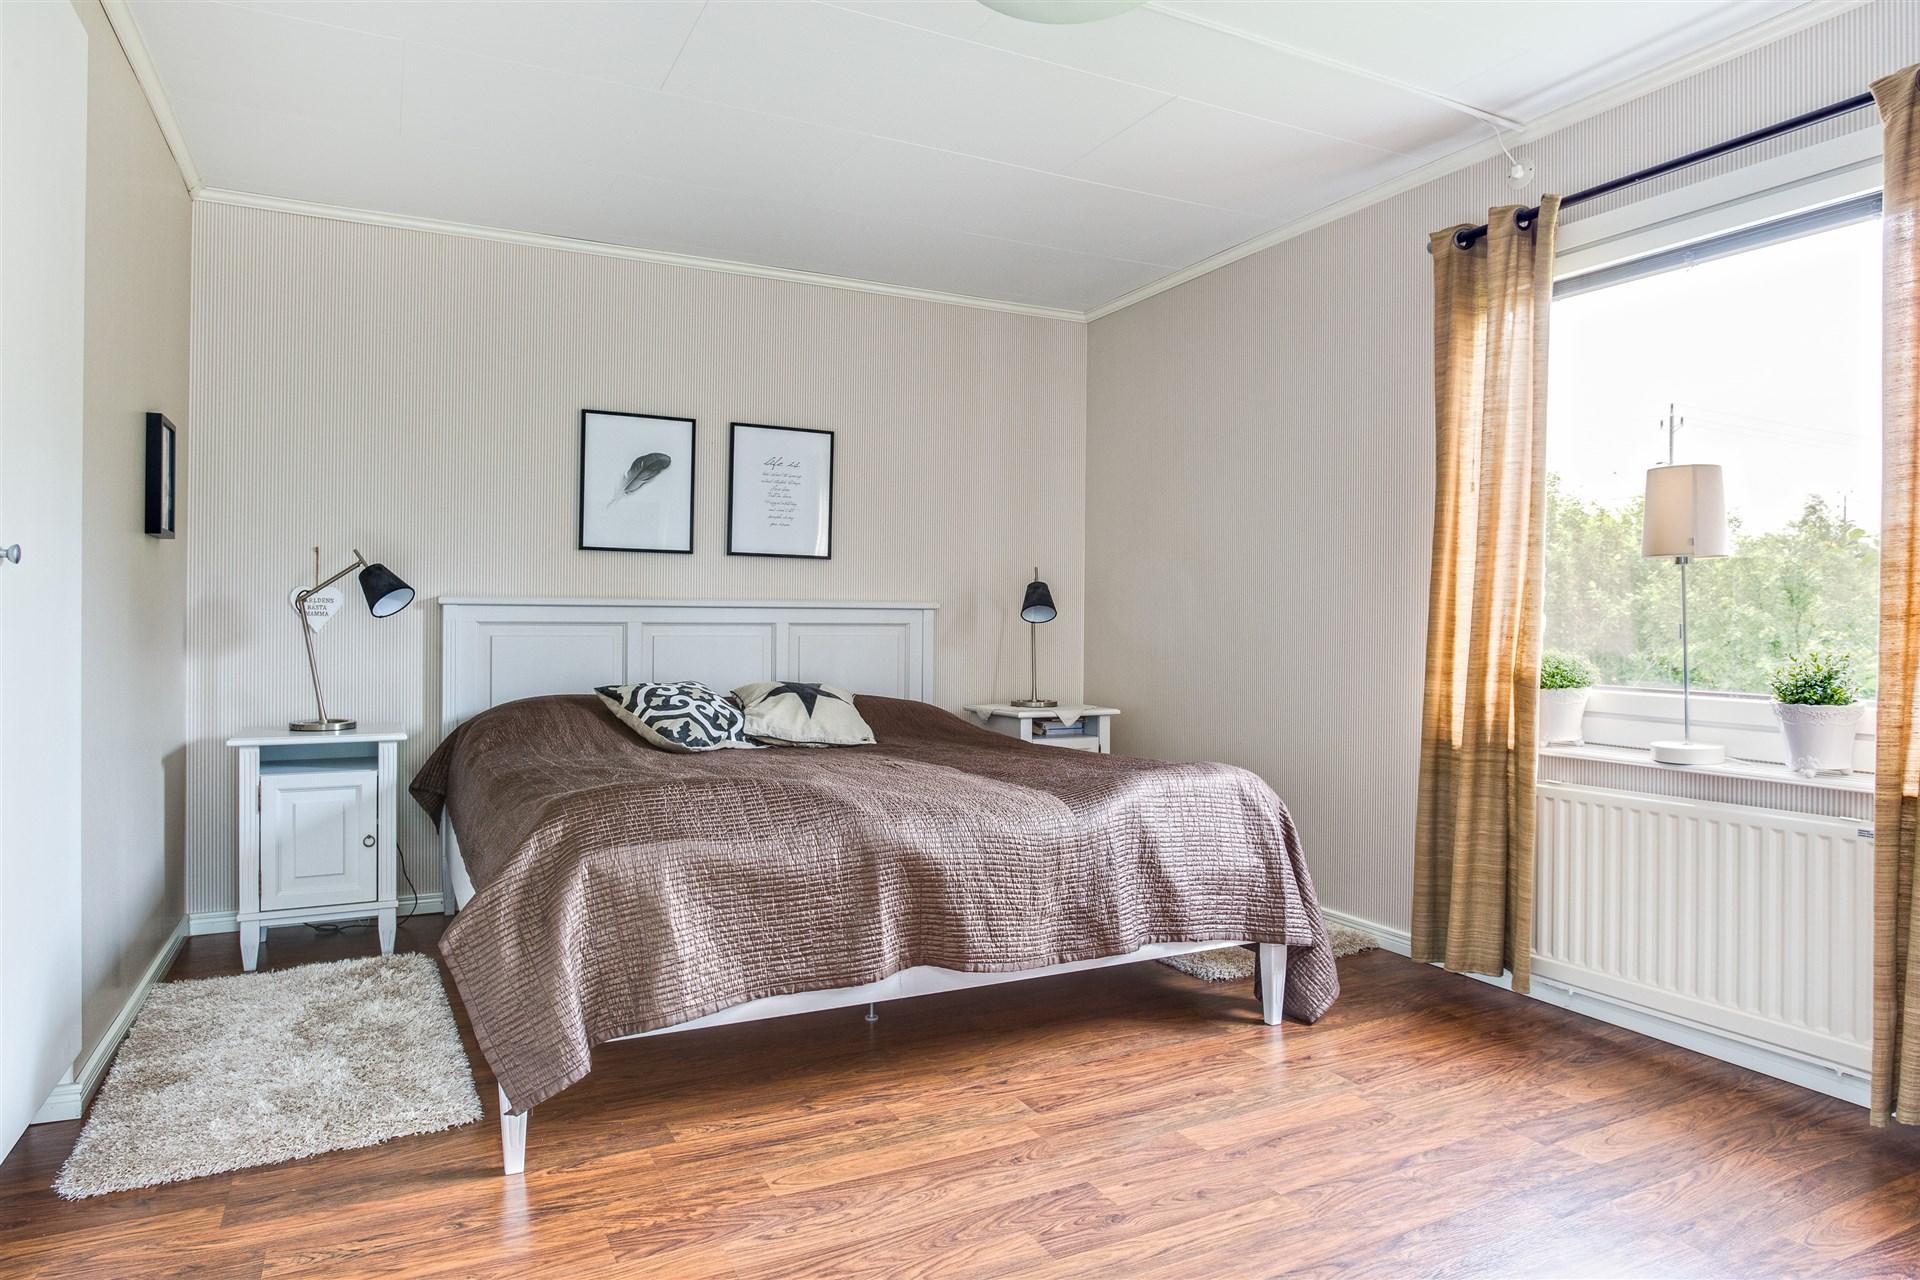 Sovrum 1 laminatgolv, 1 dubbelgarderob och 3 enkla garderober.